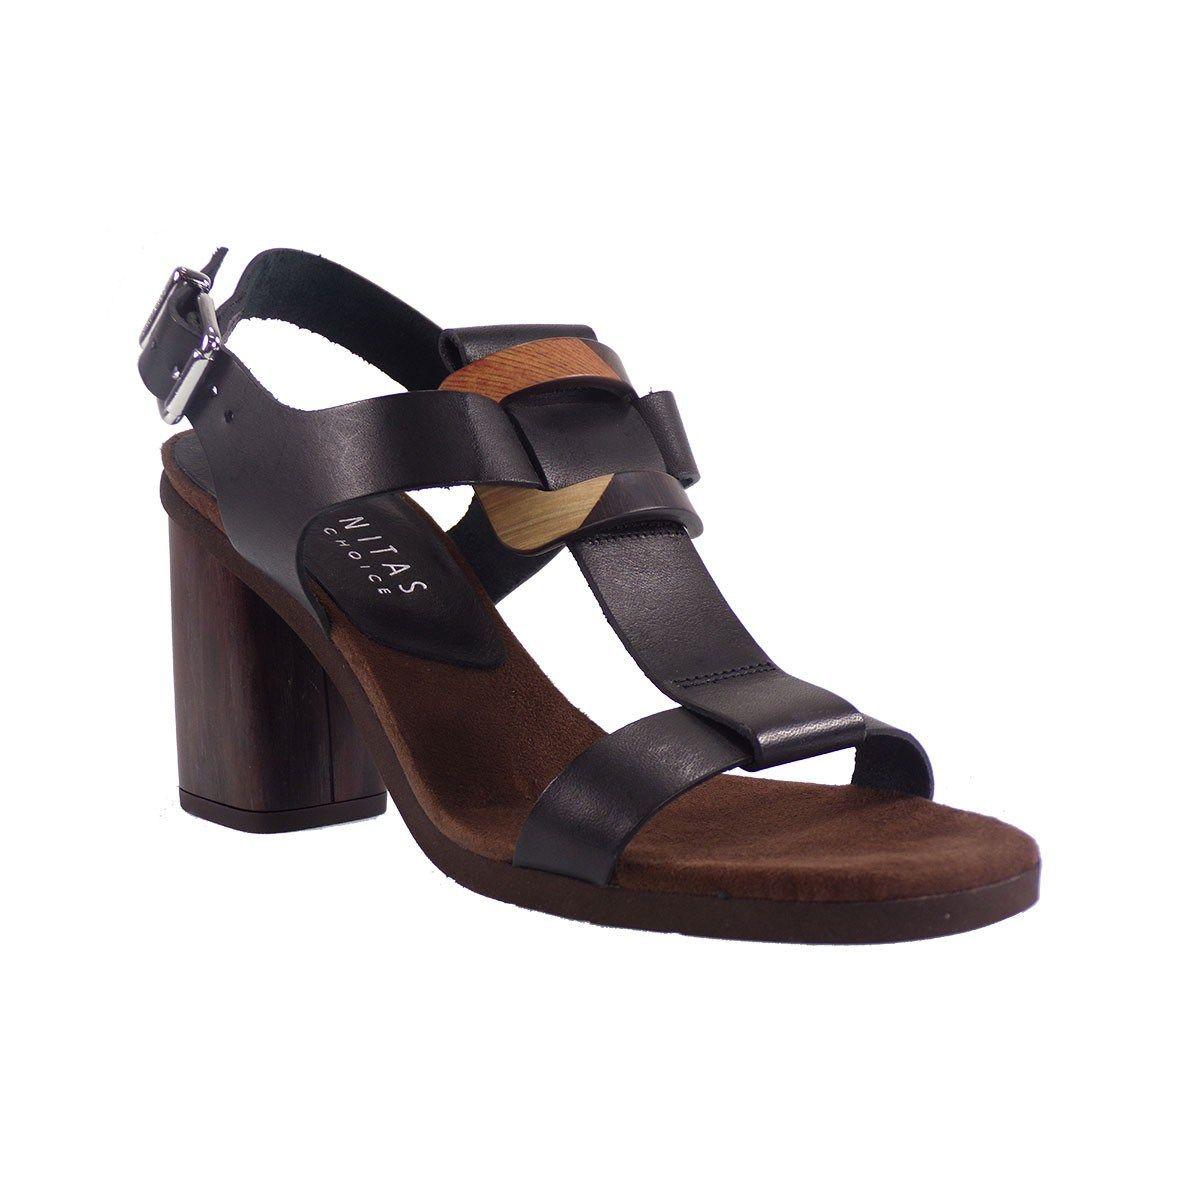 Γυναικεία παπούτσια a1f3641c6e6